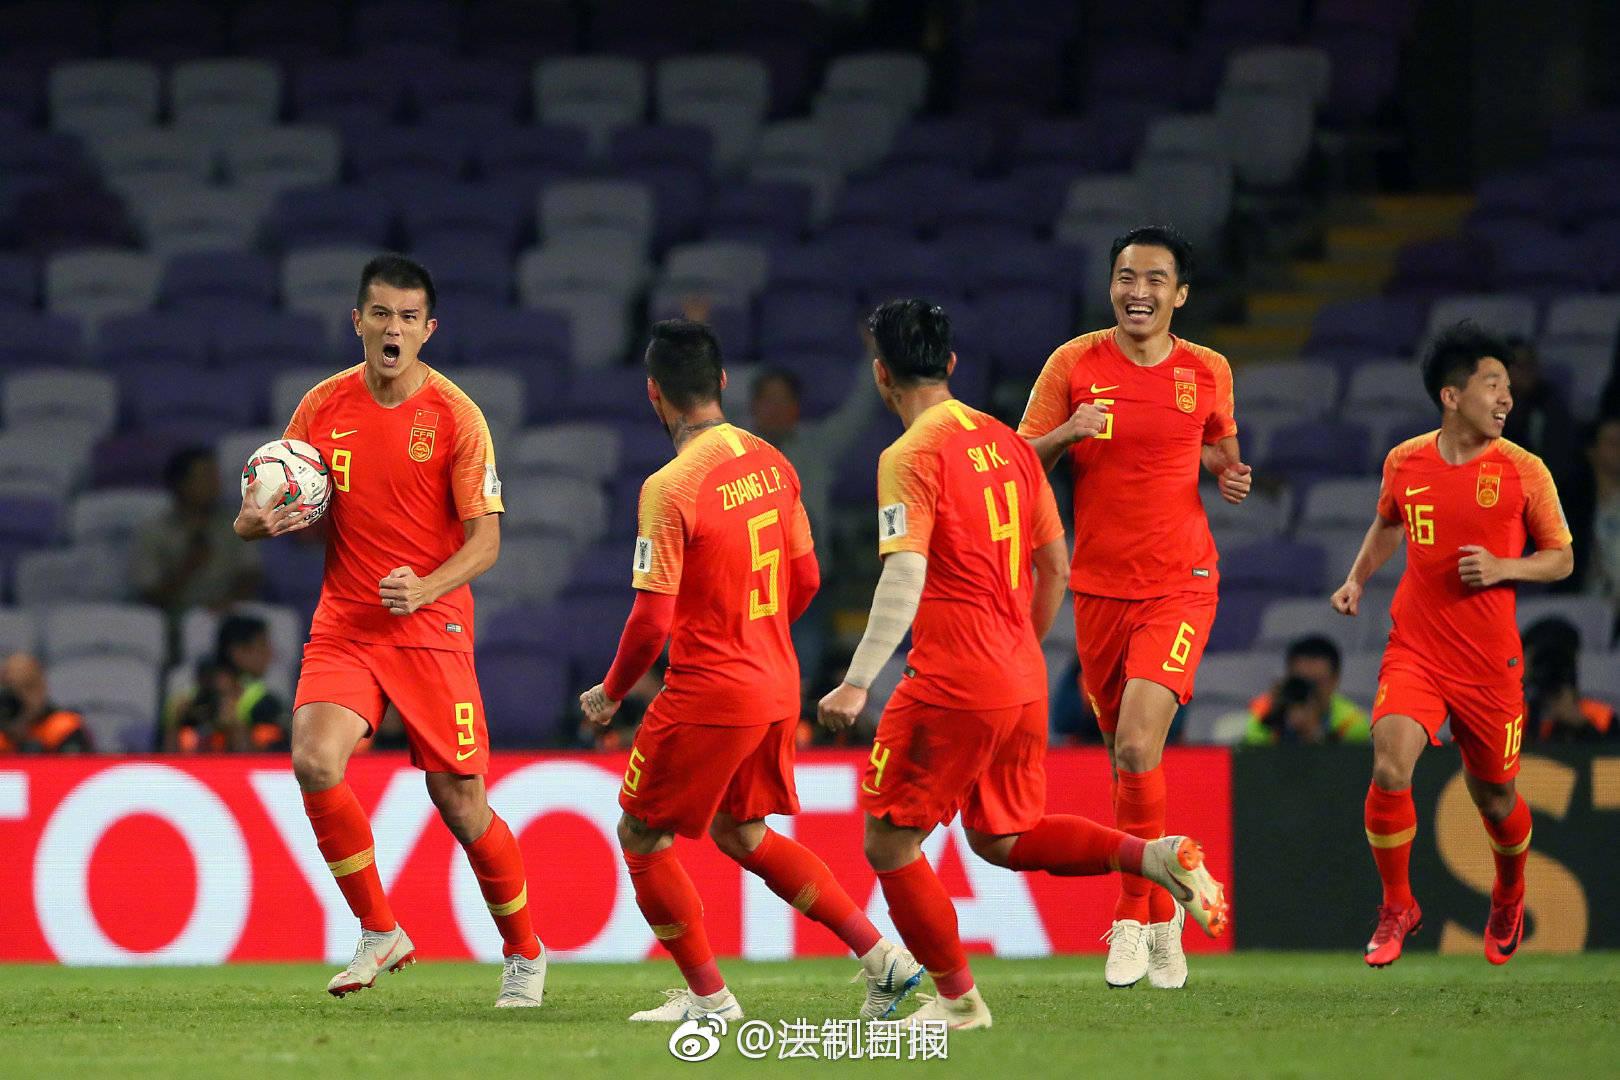 中国队2:1泰国中国队,请继续赢下去